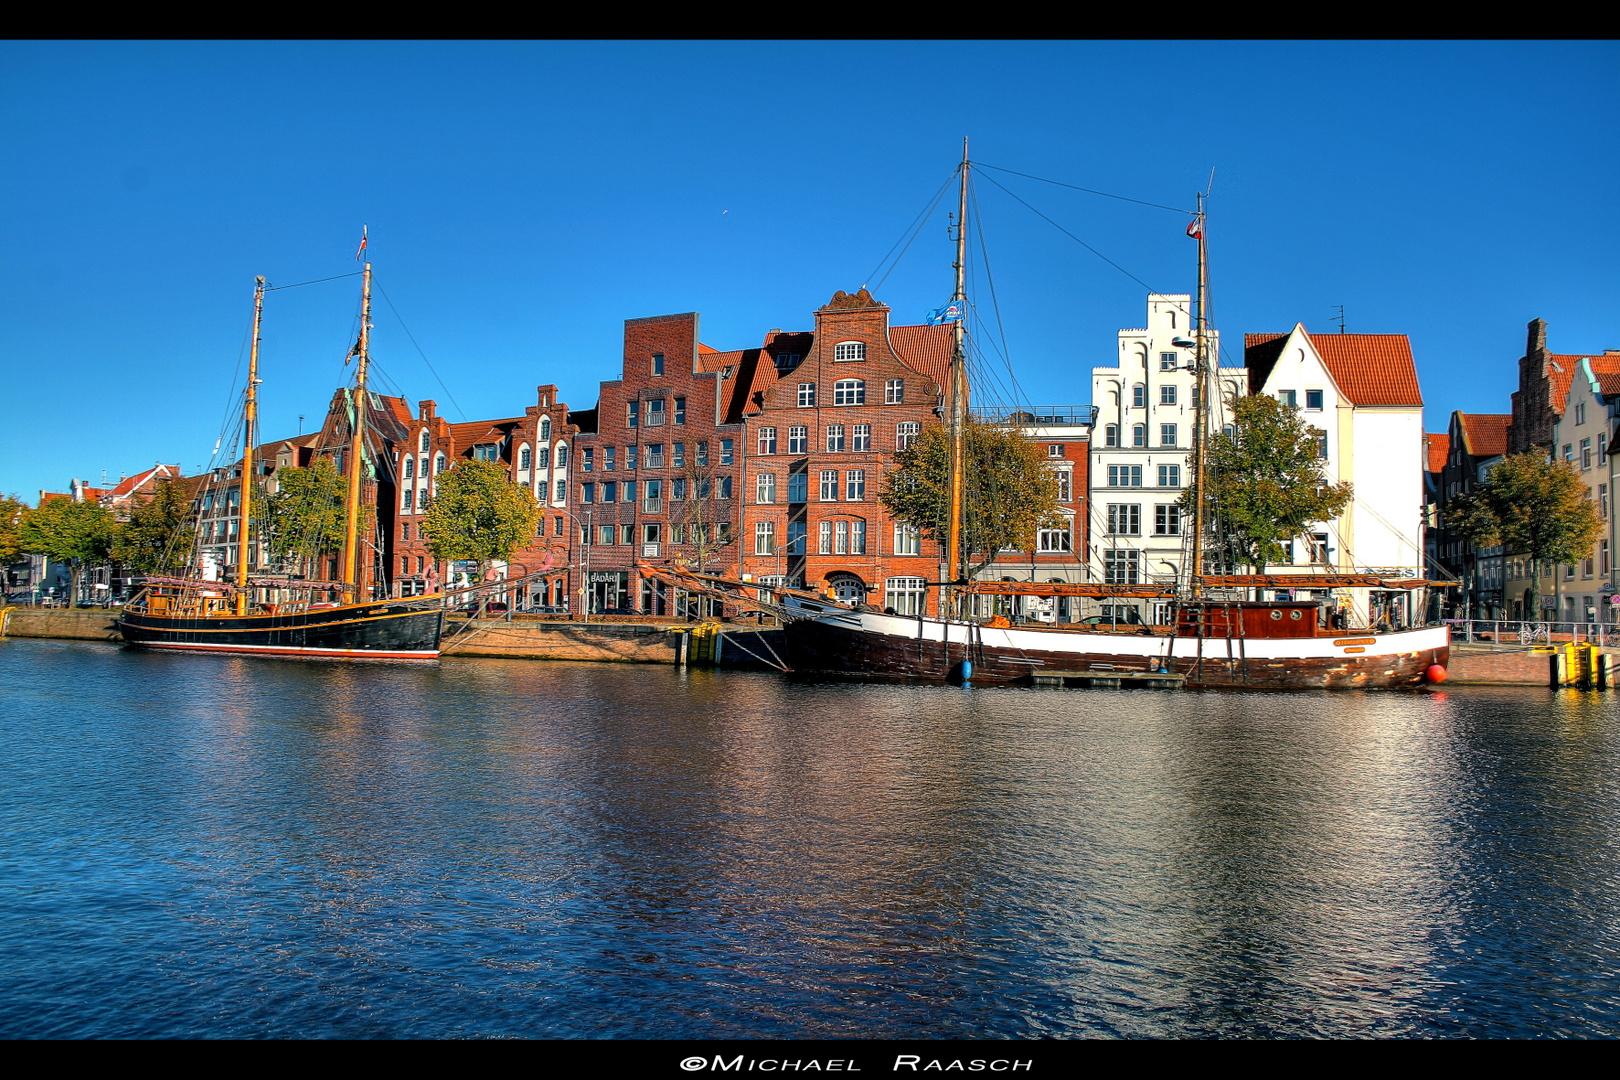 Untertrave in Lübeck